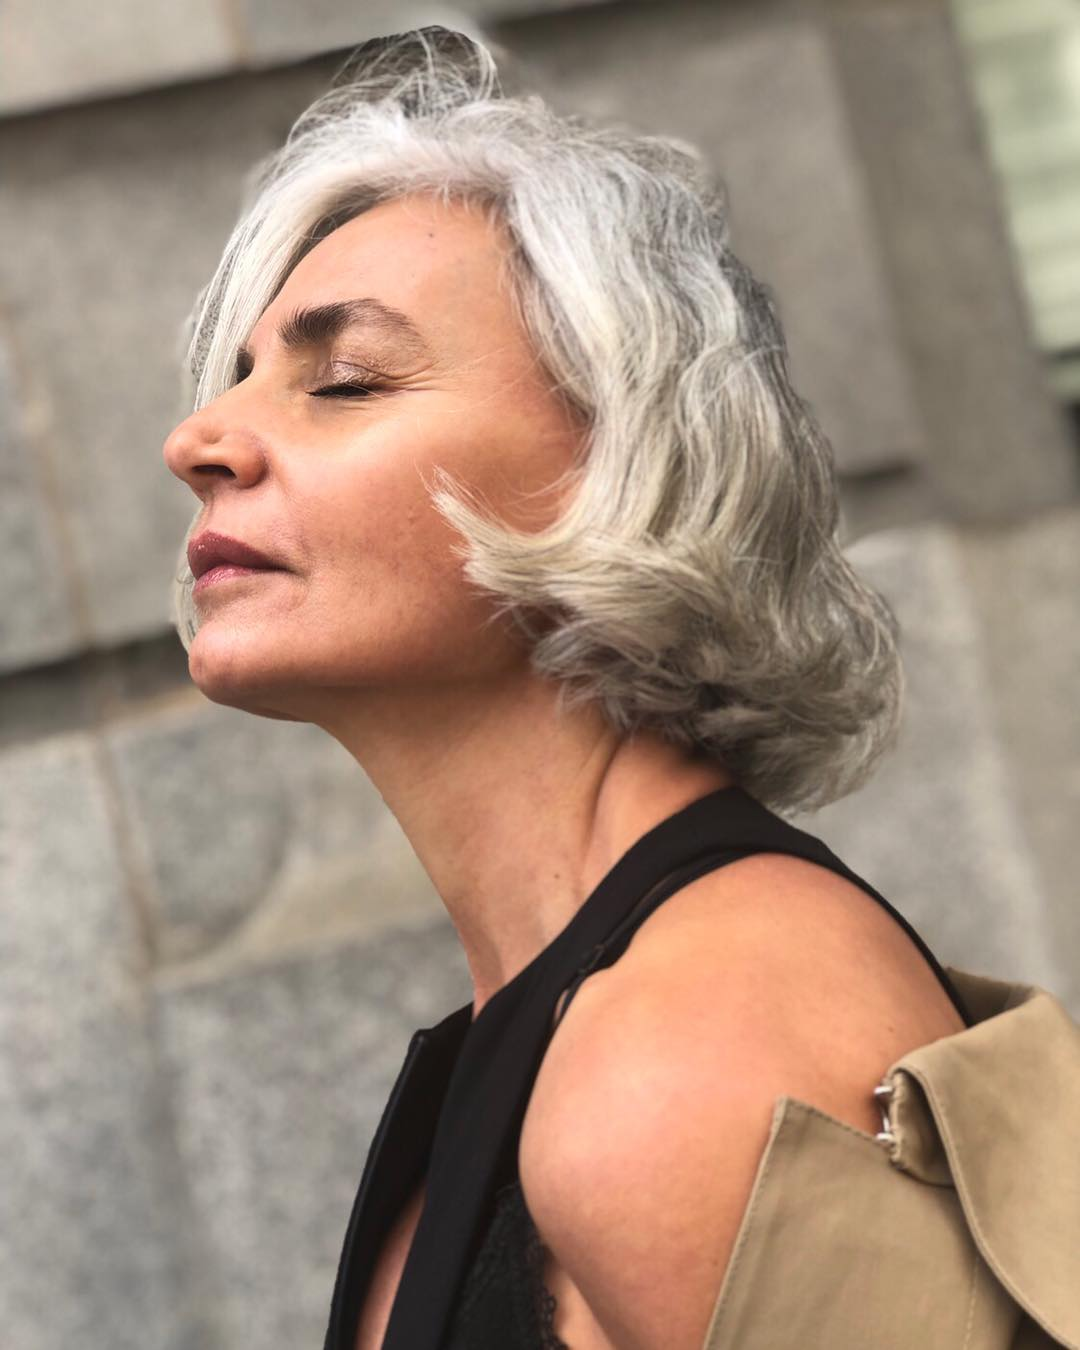 """Fashionista 56 tuổi chia sẻ bước dưỡng da, chăm tóc mỗi ngày: """"Sáng uống 2 cốc nước ấm, tóc bạc từ tuổi 20 nhưng không bao giờ nhuộm"""" - Ảnh 6."""